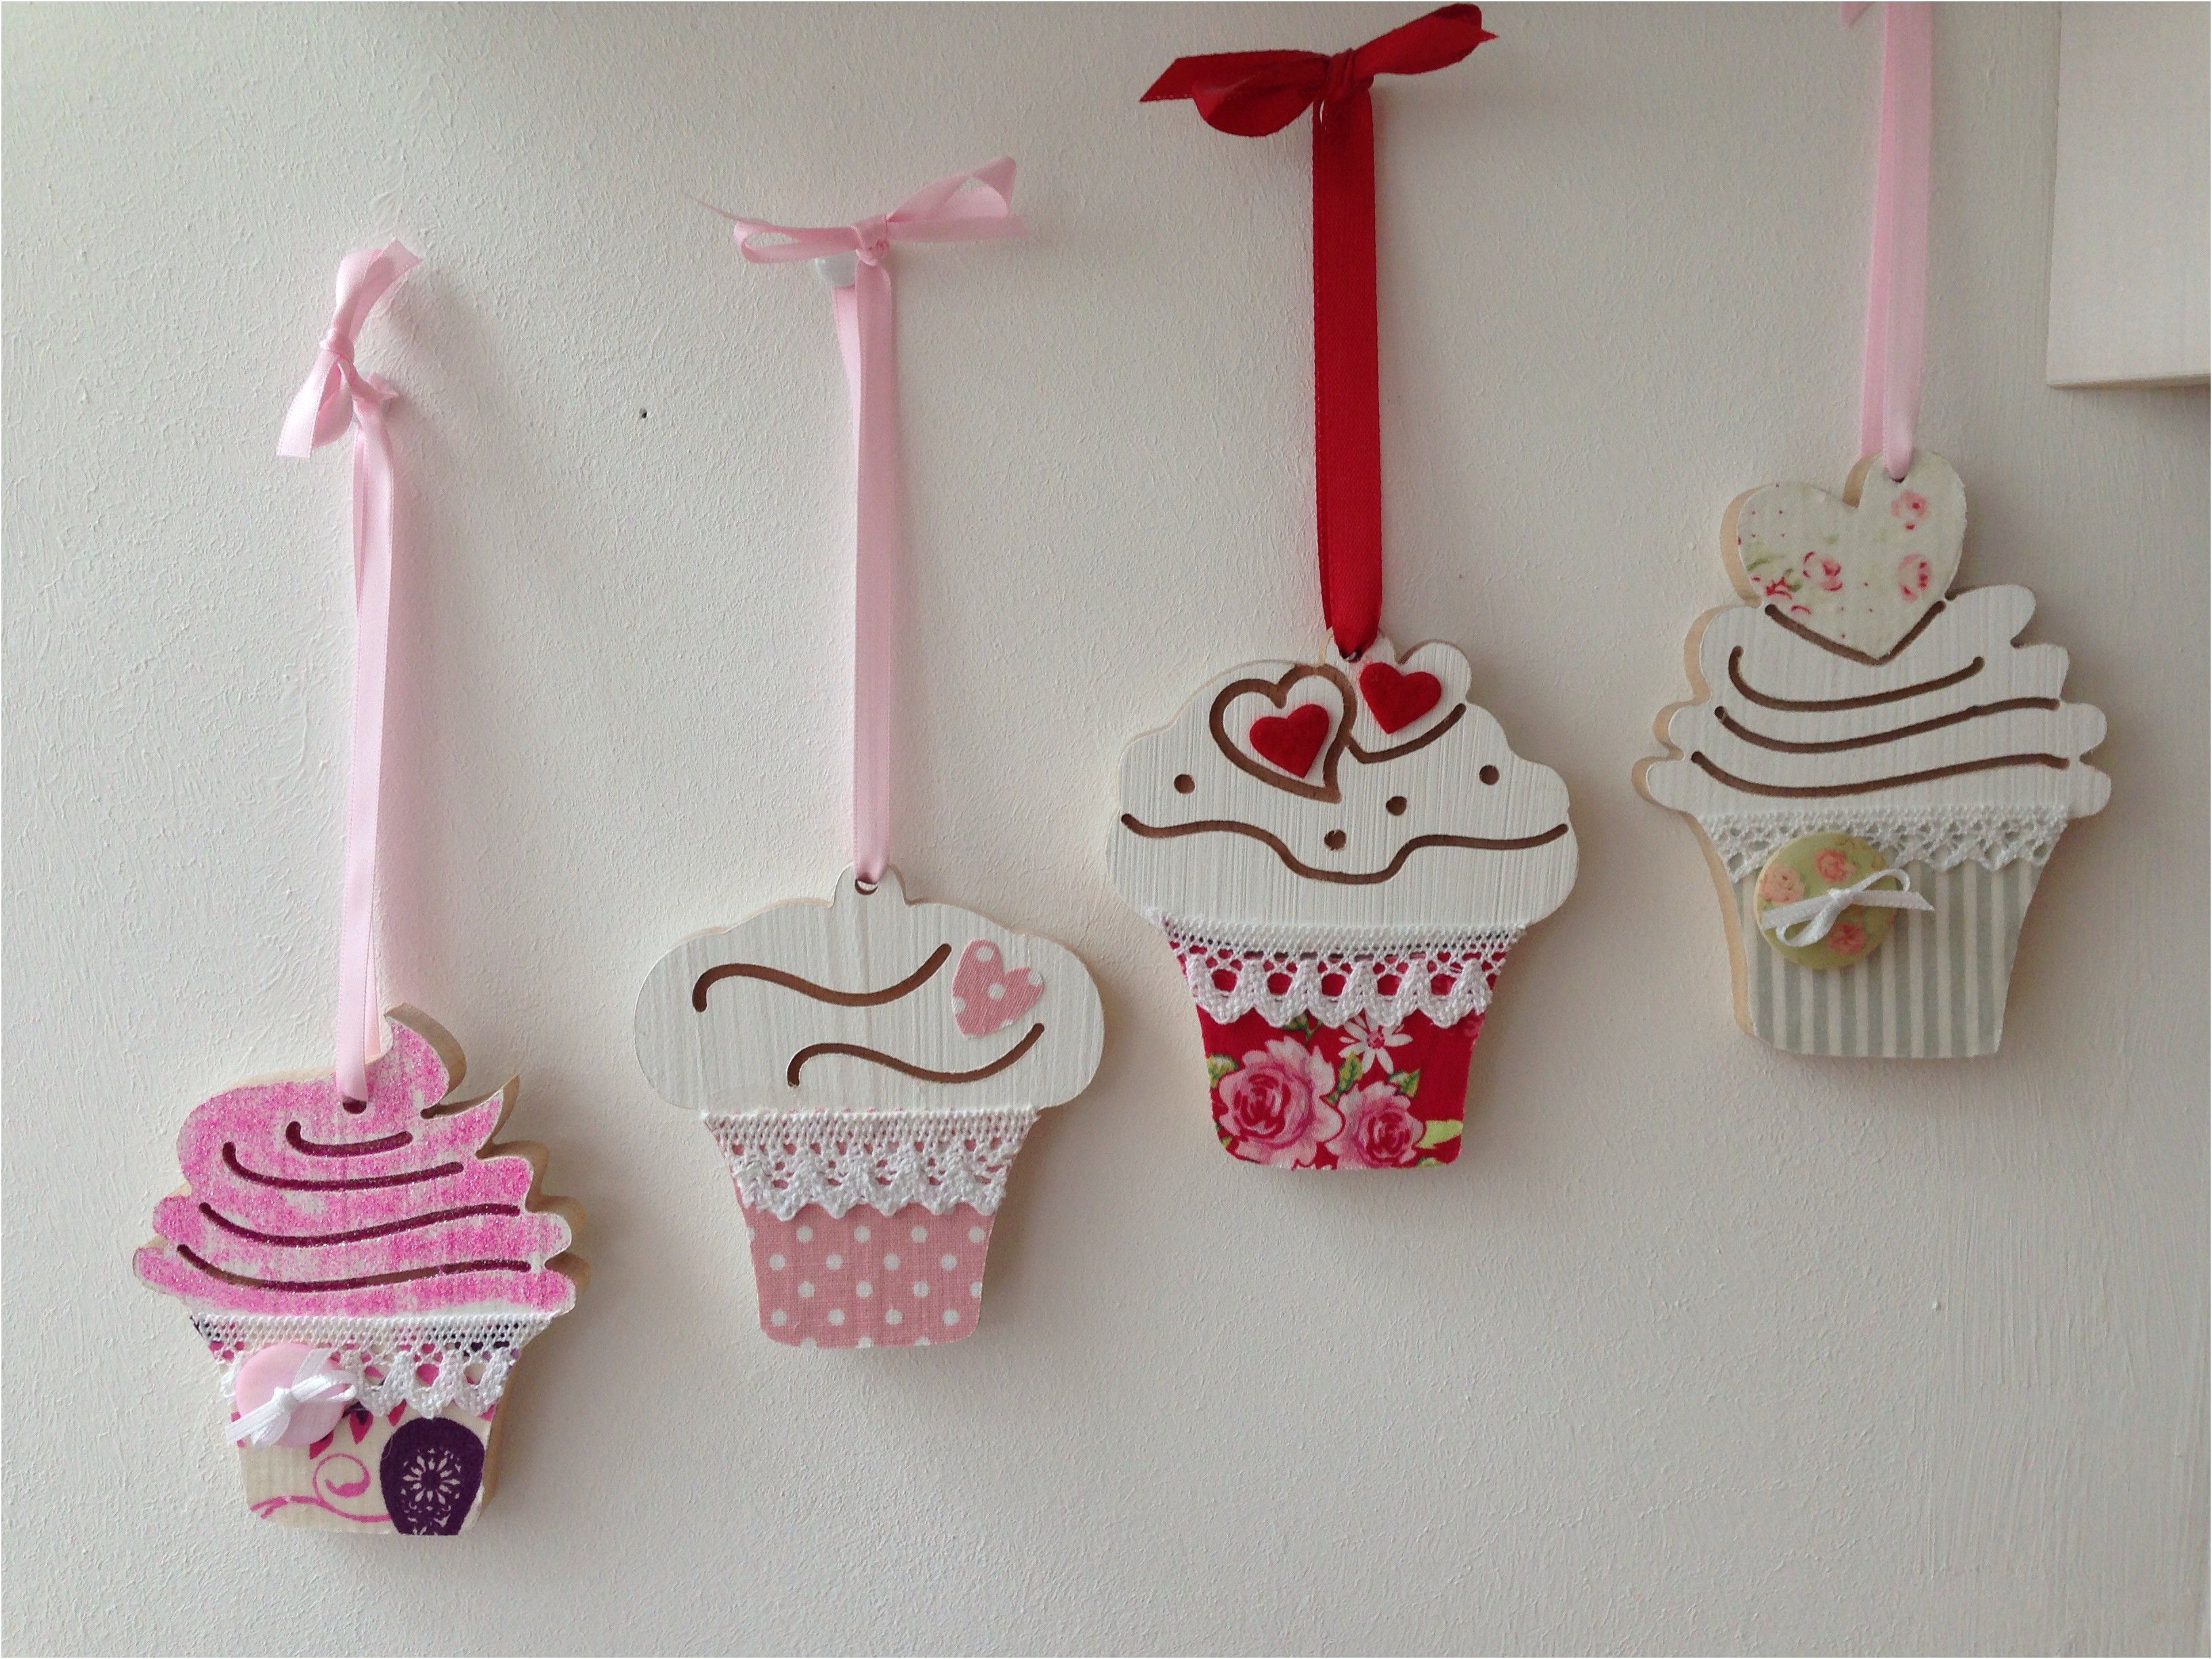 cupcake design kitchen accessories from Cupcake Kitchen Accessories ...